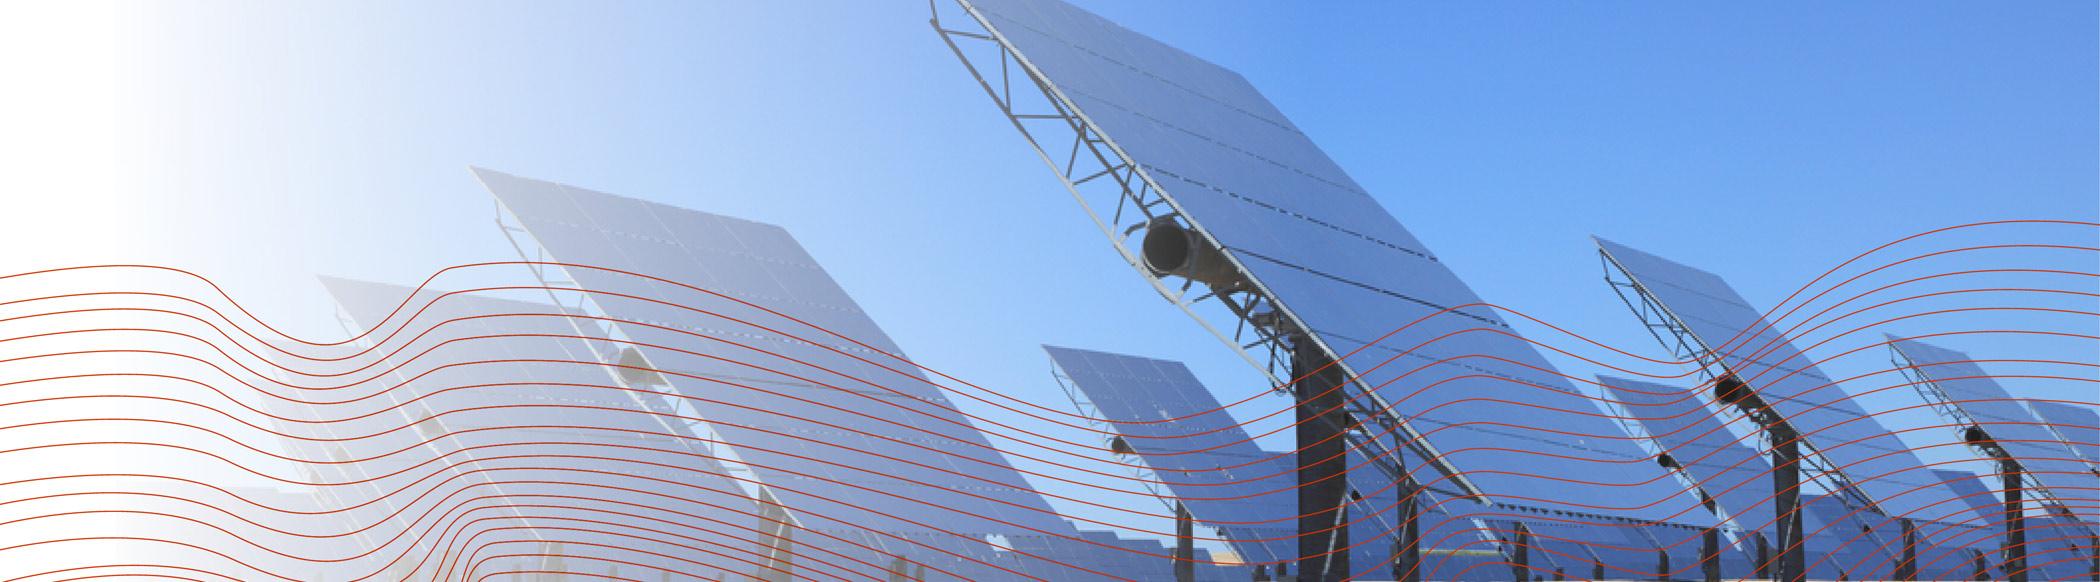 Muri Energie Forum – Solarenergie